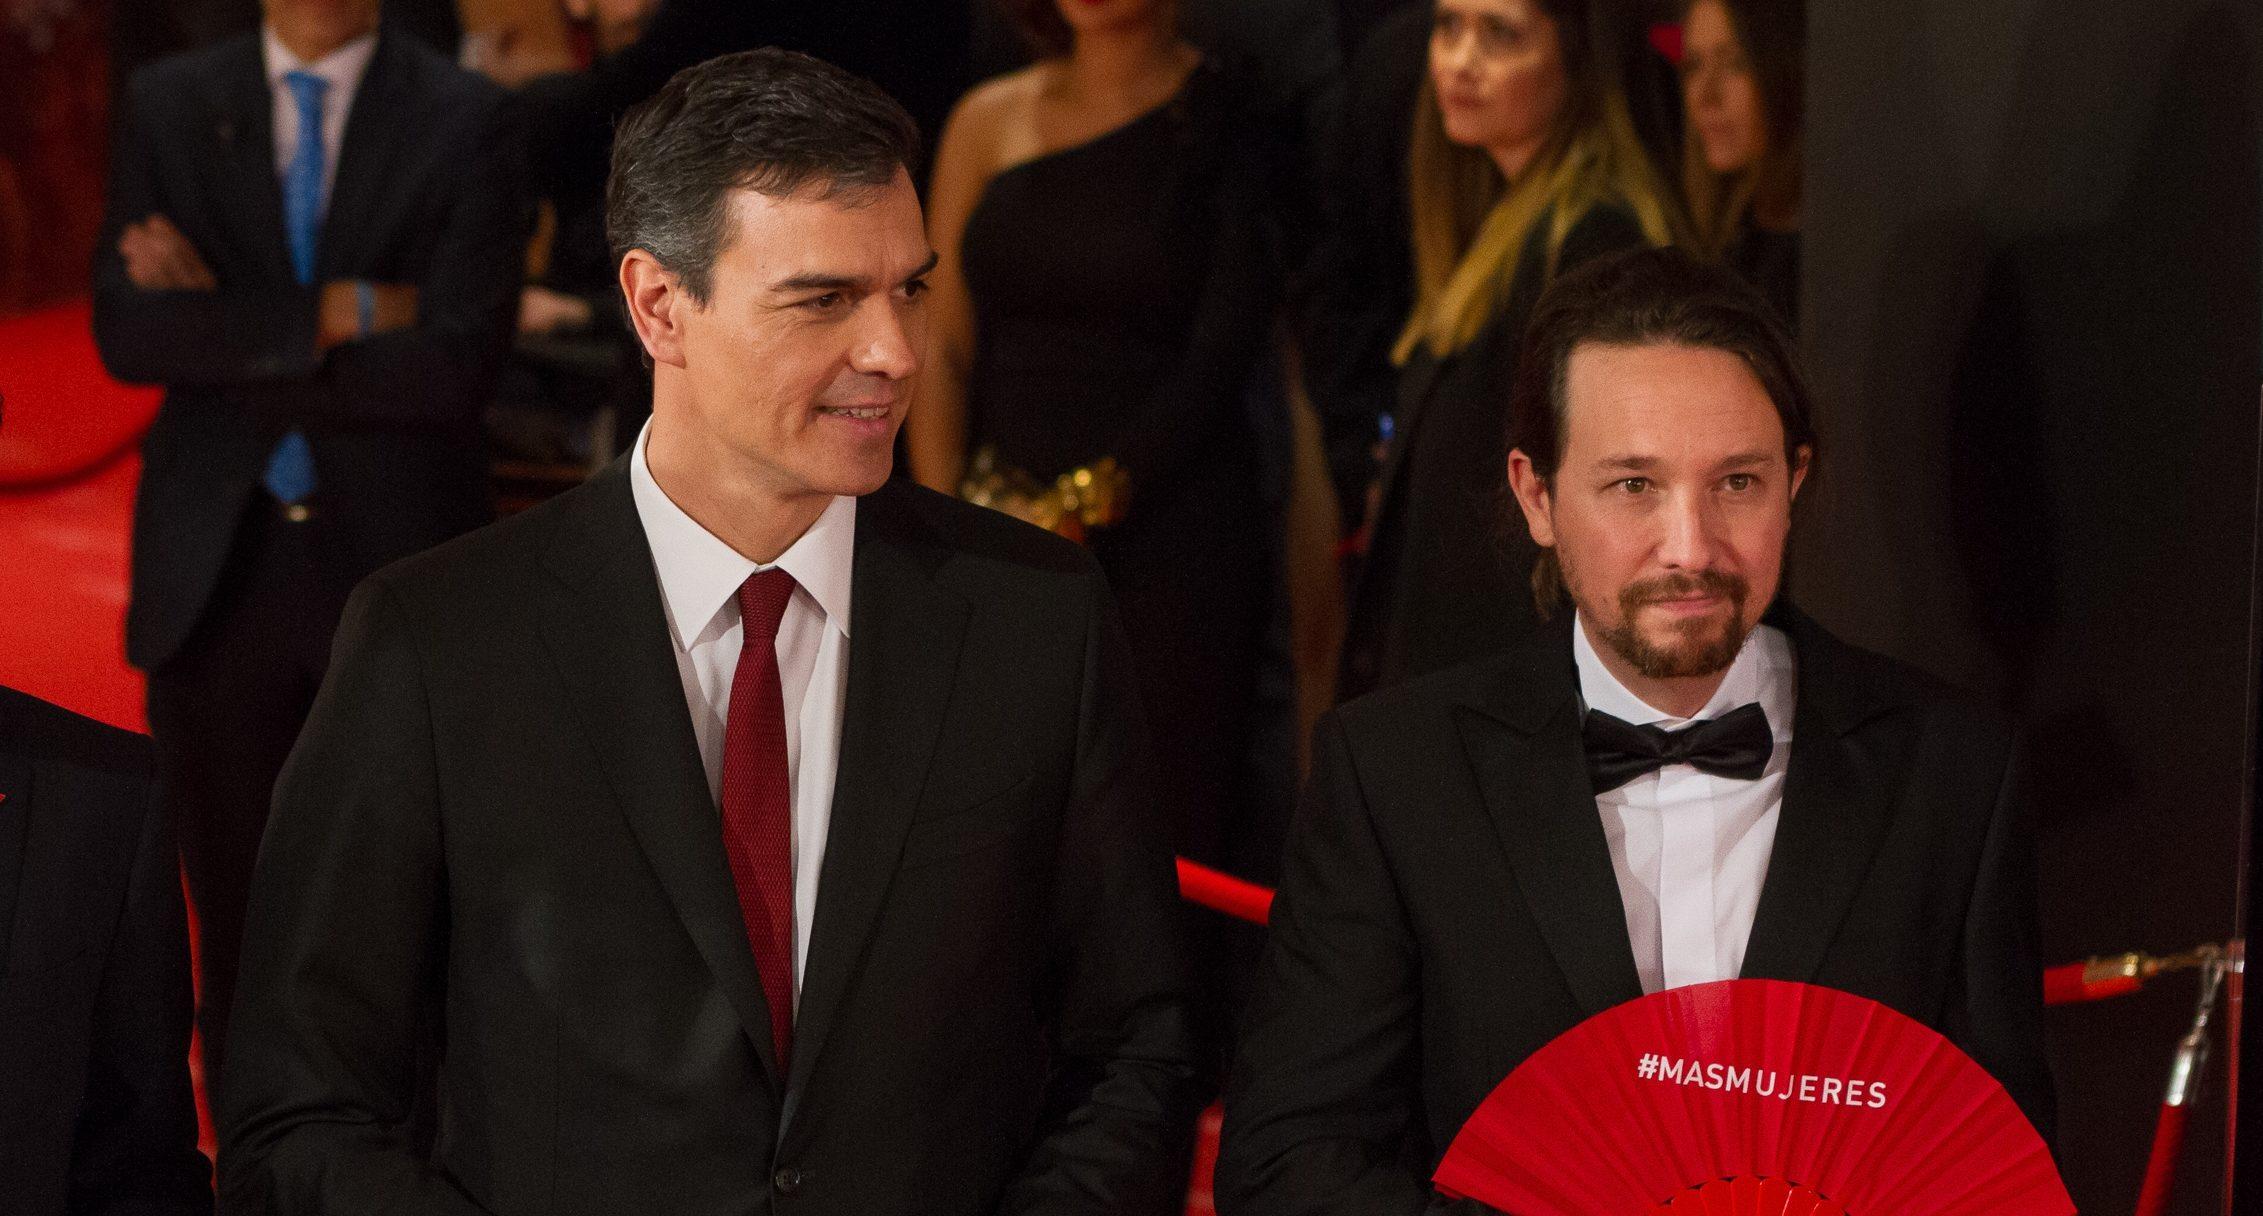 In Spagna la sinistra vince le elezioni, ma è la fine di un'era